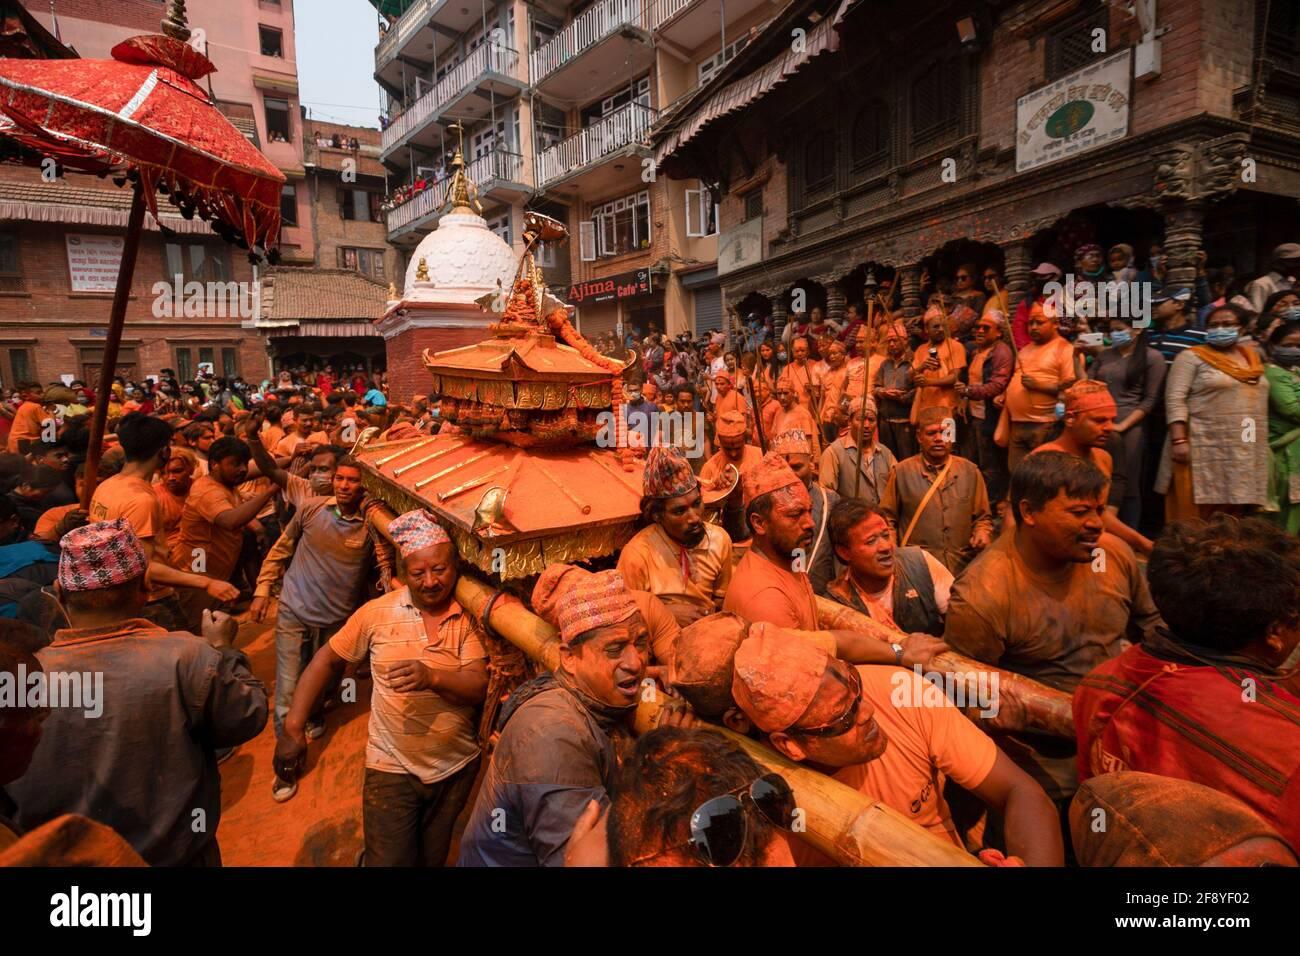 Bhaktapur, Nepal. 15 Aprile 2021. I devoti coperti di polvere di vermiglio portano un carro mentre girano il Tempio Balkumari durante il festival della polvere di vermillion di Jatra. I rivelatori portarono carri degli dei e delle dea indù e si gettarono vermilioni di polvere l'uno sull'altro come parte delle celebrazioni che iniziarono il nuovo anno nepalese. Credit: SOPA Images Limited/Alamy Live News Foto Stock